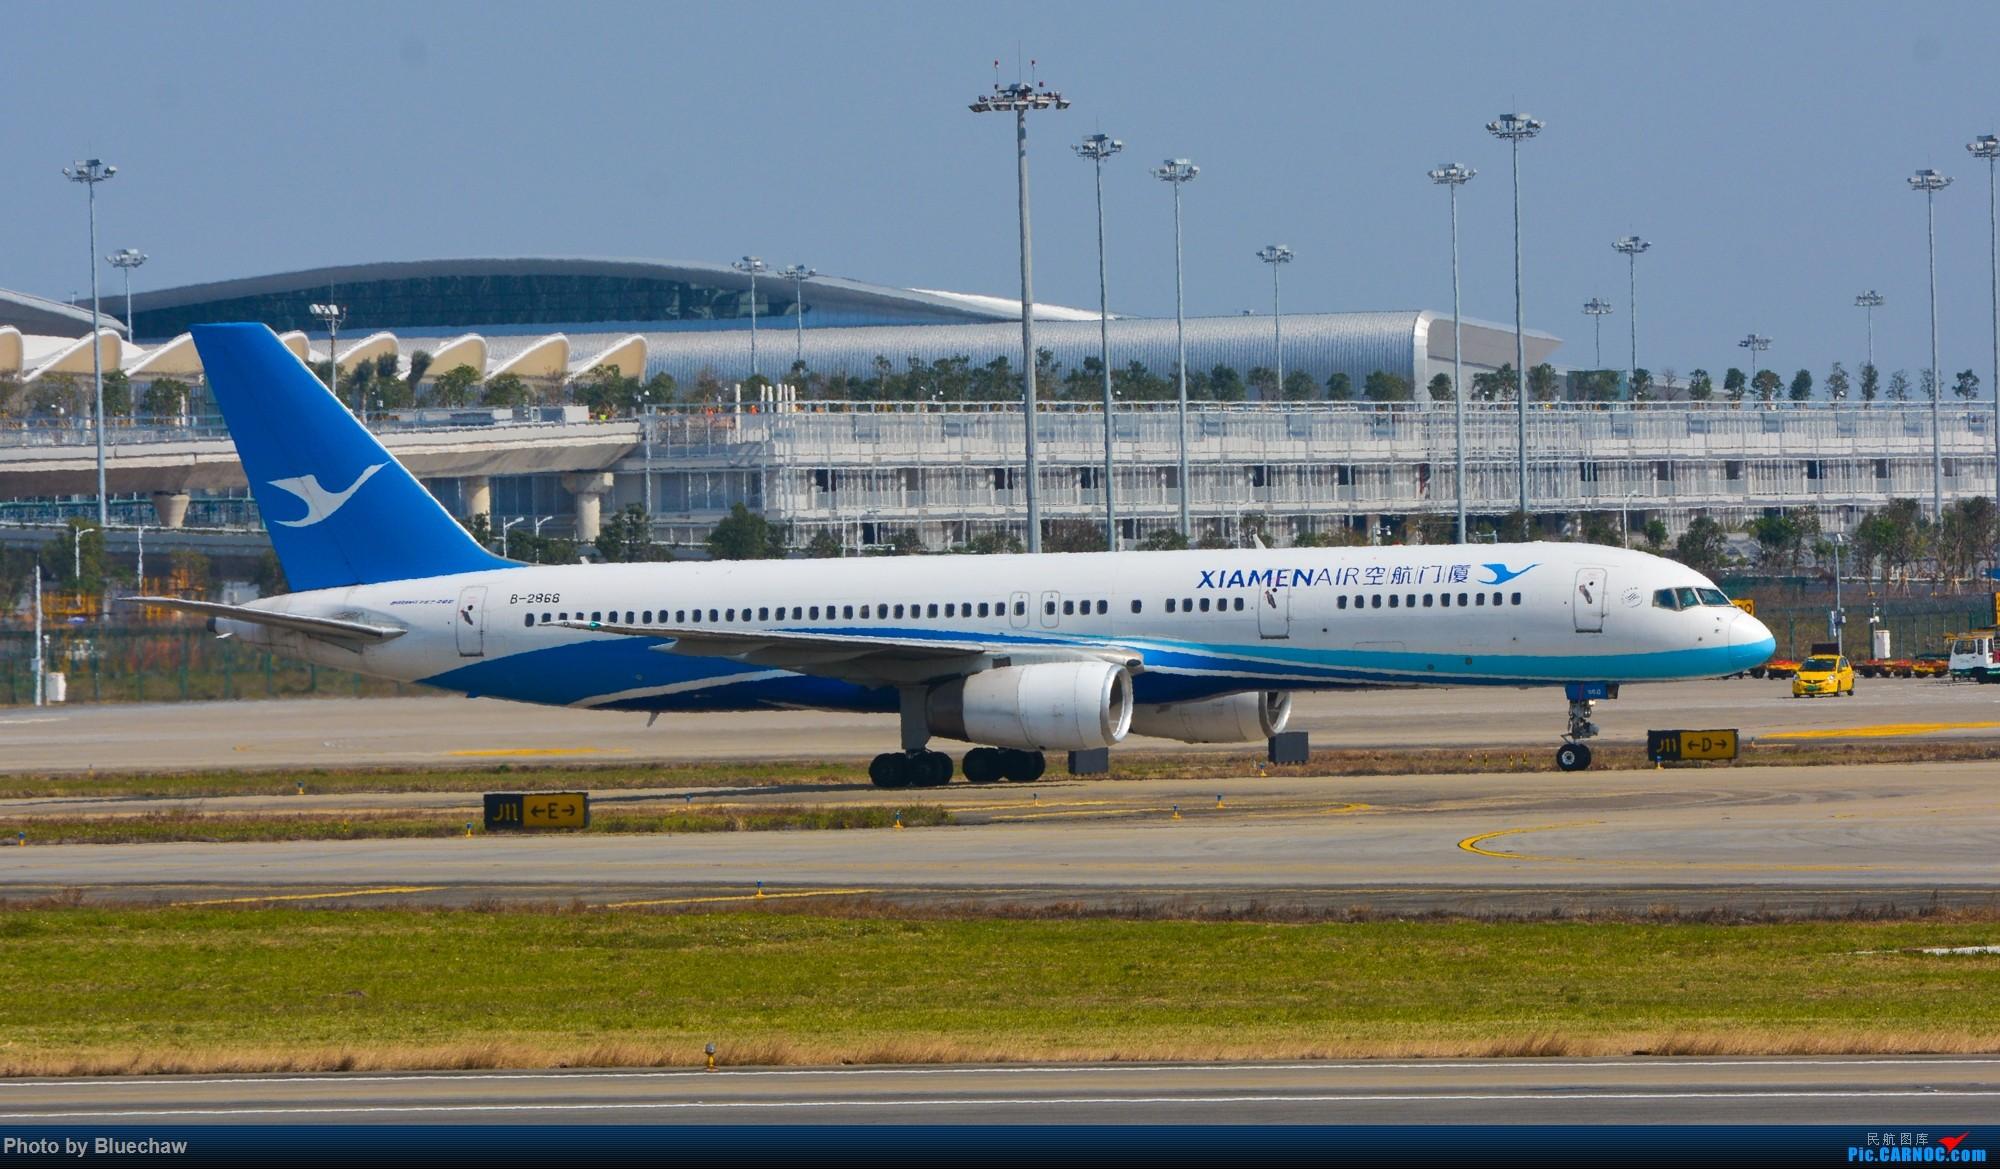 Re:[原创]二月白云拍机,酷航788等 BOEING 757-200 B-2868 中国广州白云国际机场